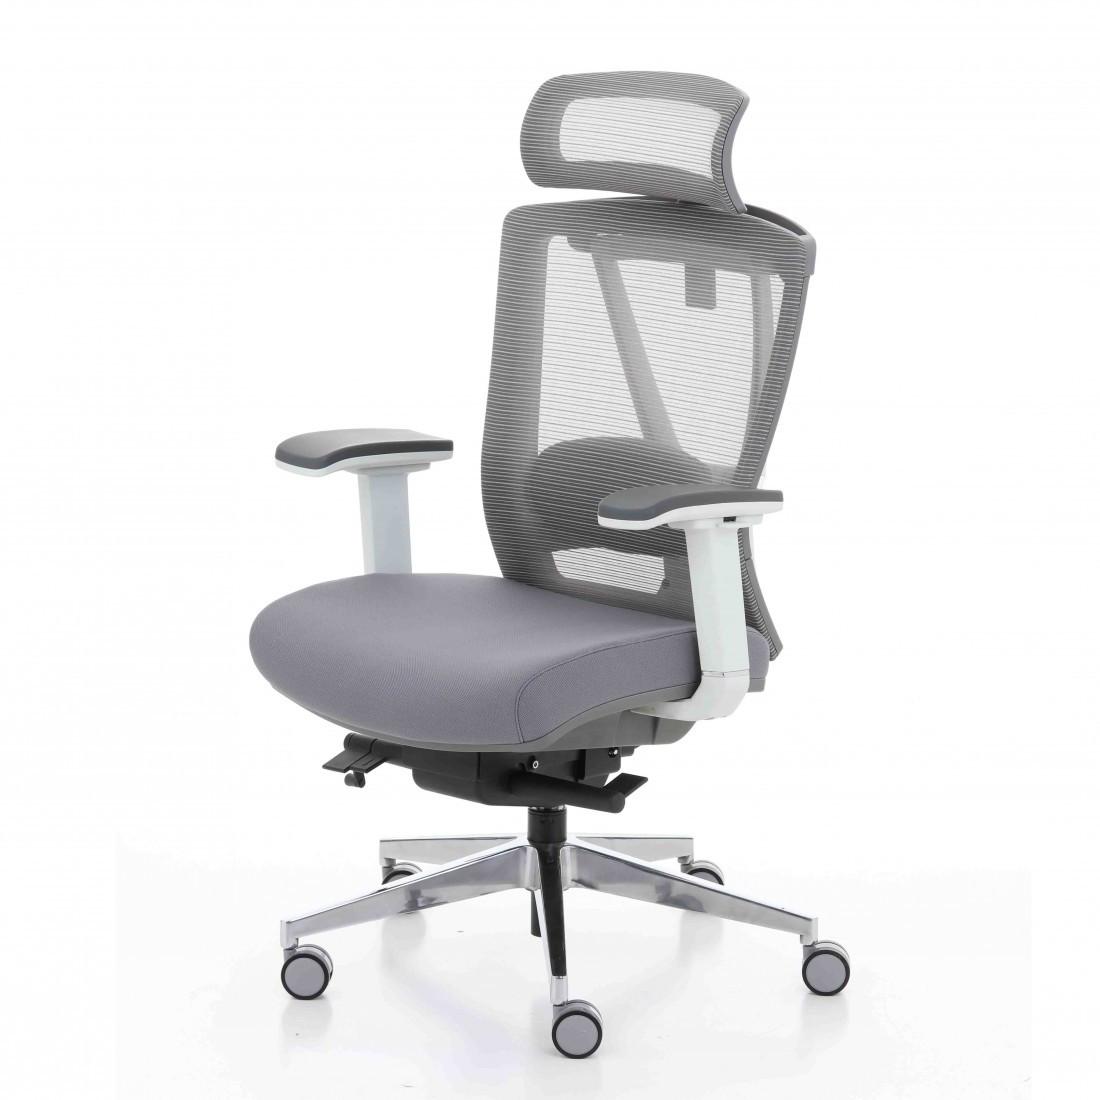 Кресло компьютерное с подголовником Enrandnepr ERGO CHAIR 2 Grey